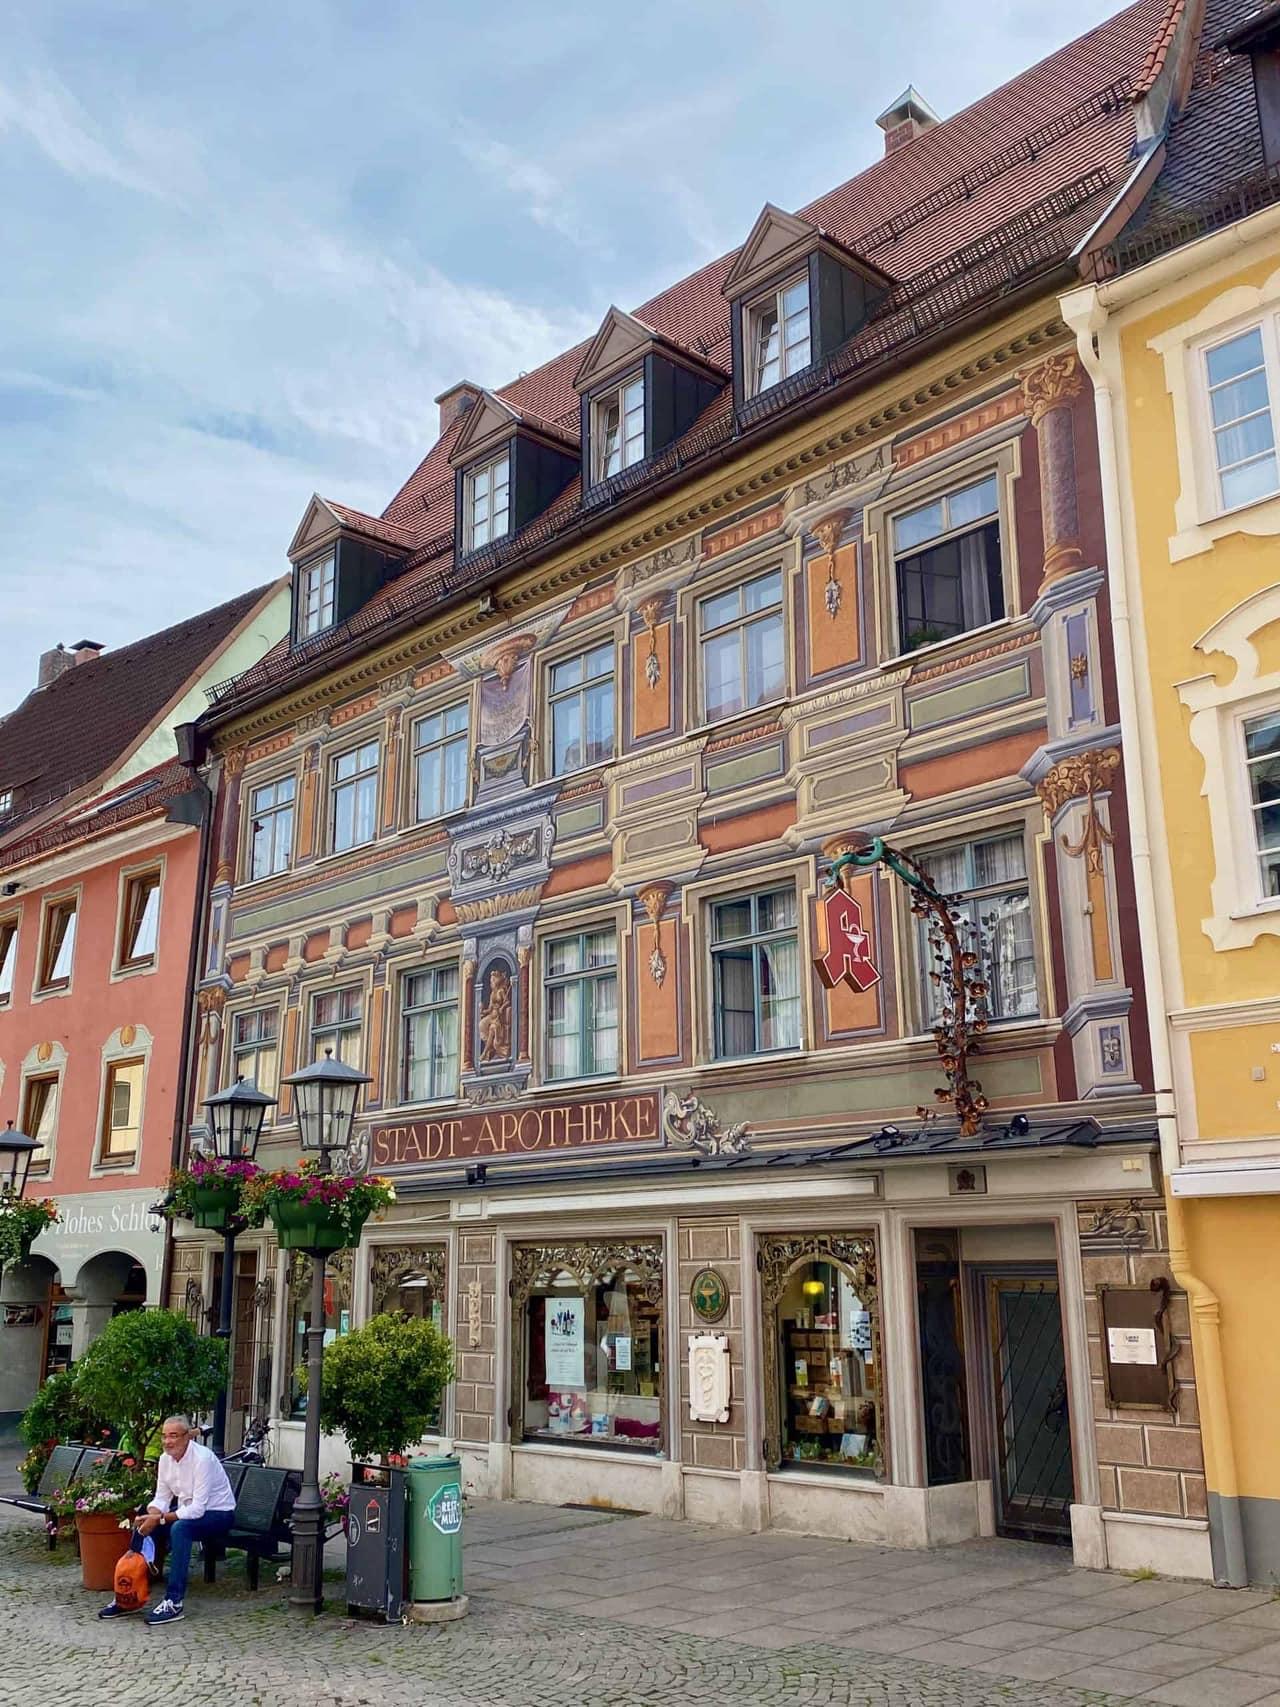 Füssen_Innenstadt_Stadt_Apotheke